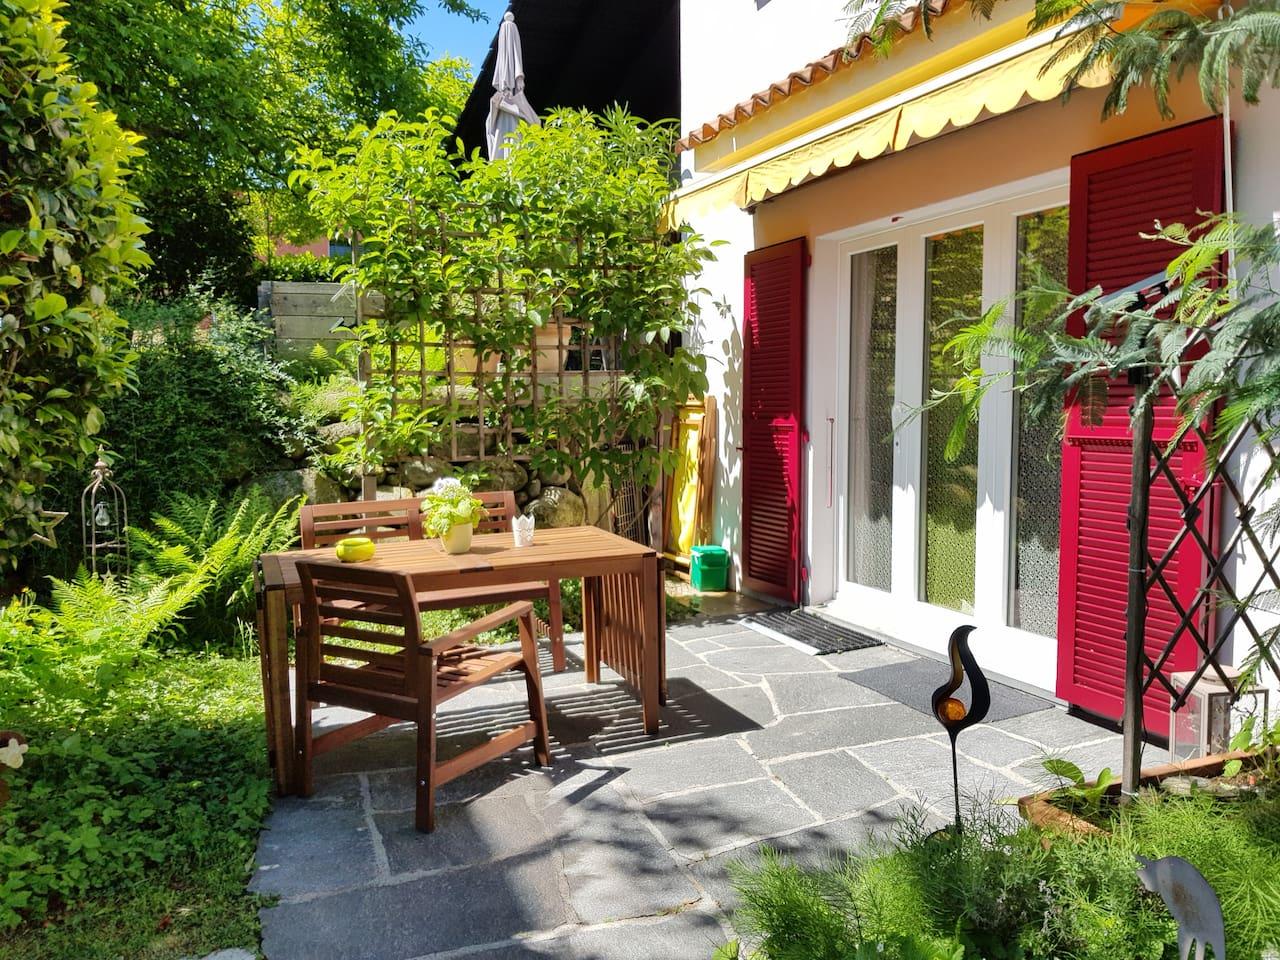 WILLKOMMEN IN VERSCIO <3 -Studio mit Lauschigem Gartensitzplatz